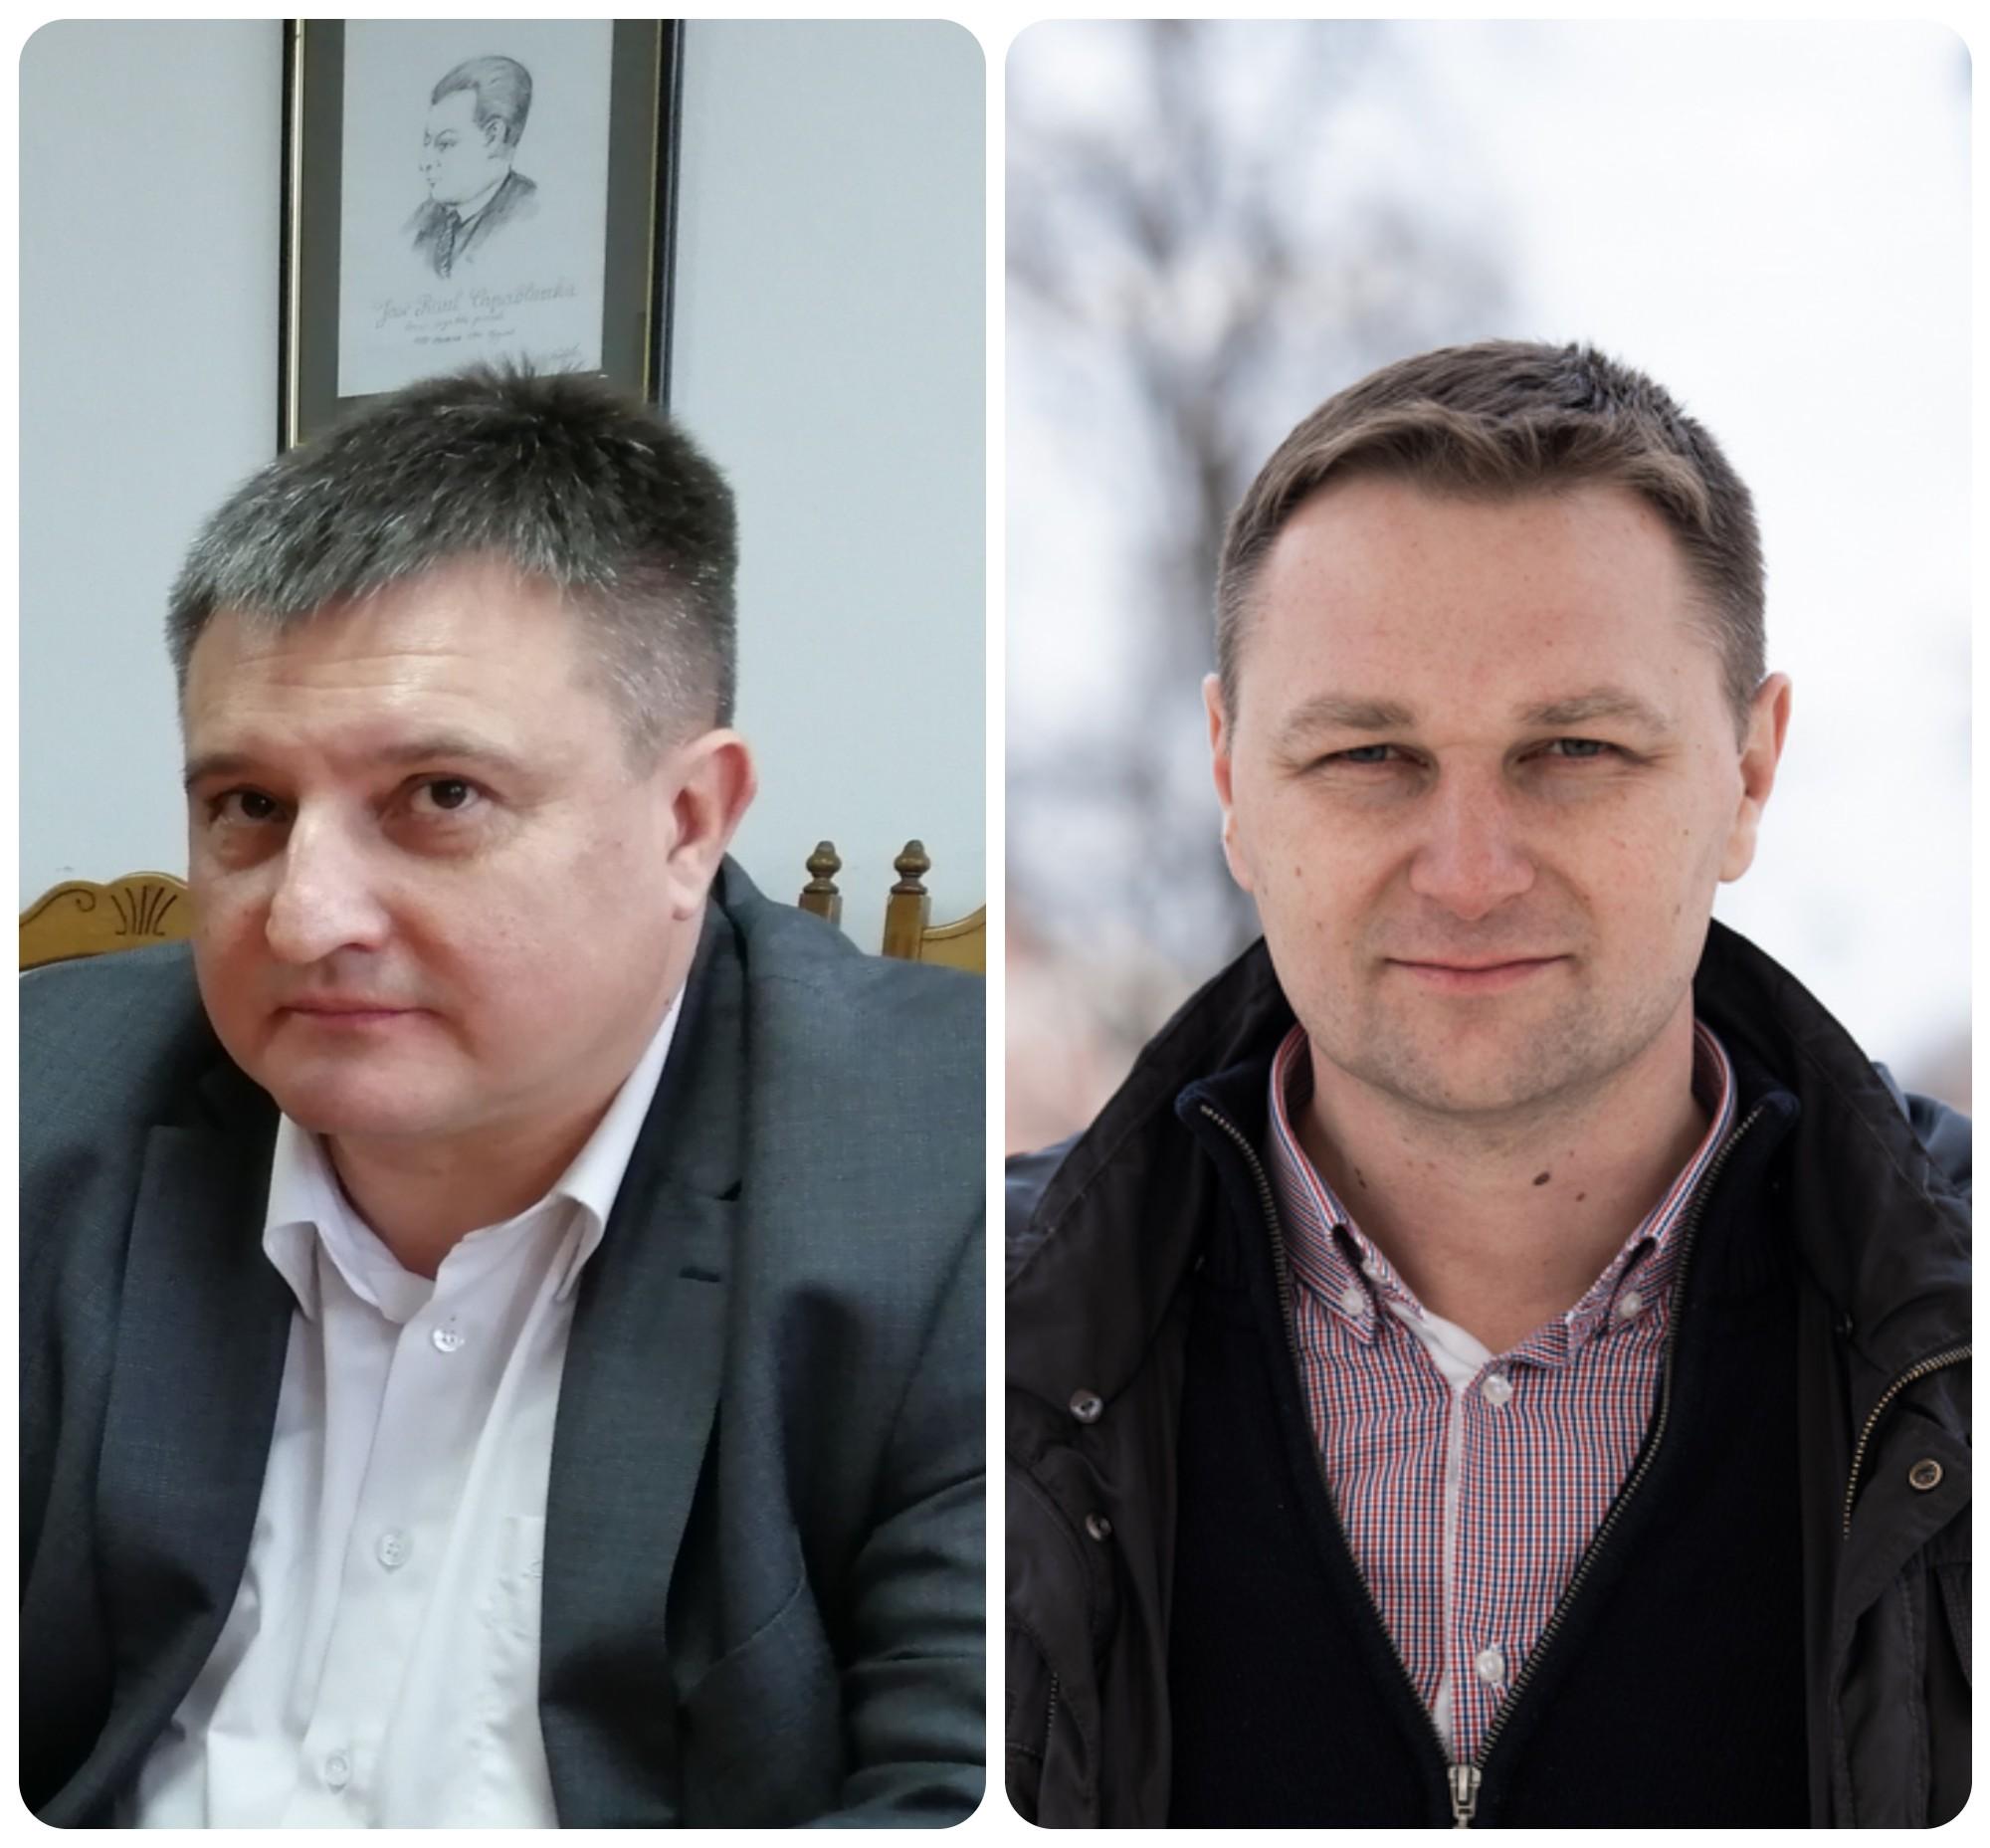 Totgergeli i Marušić osudili nasilje i pozvali institucije da dovrše istragu o navodnom uznemiravanju